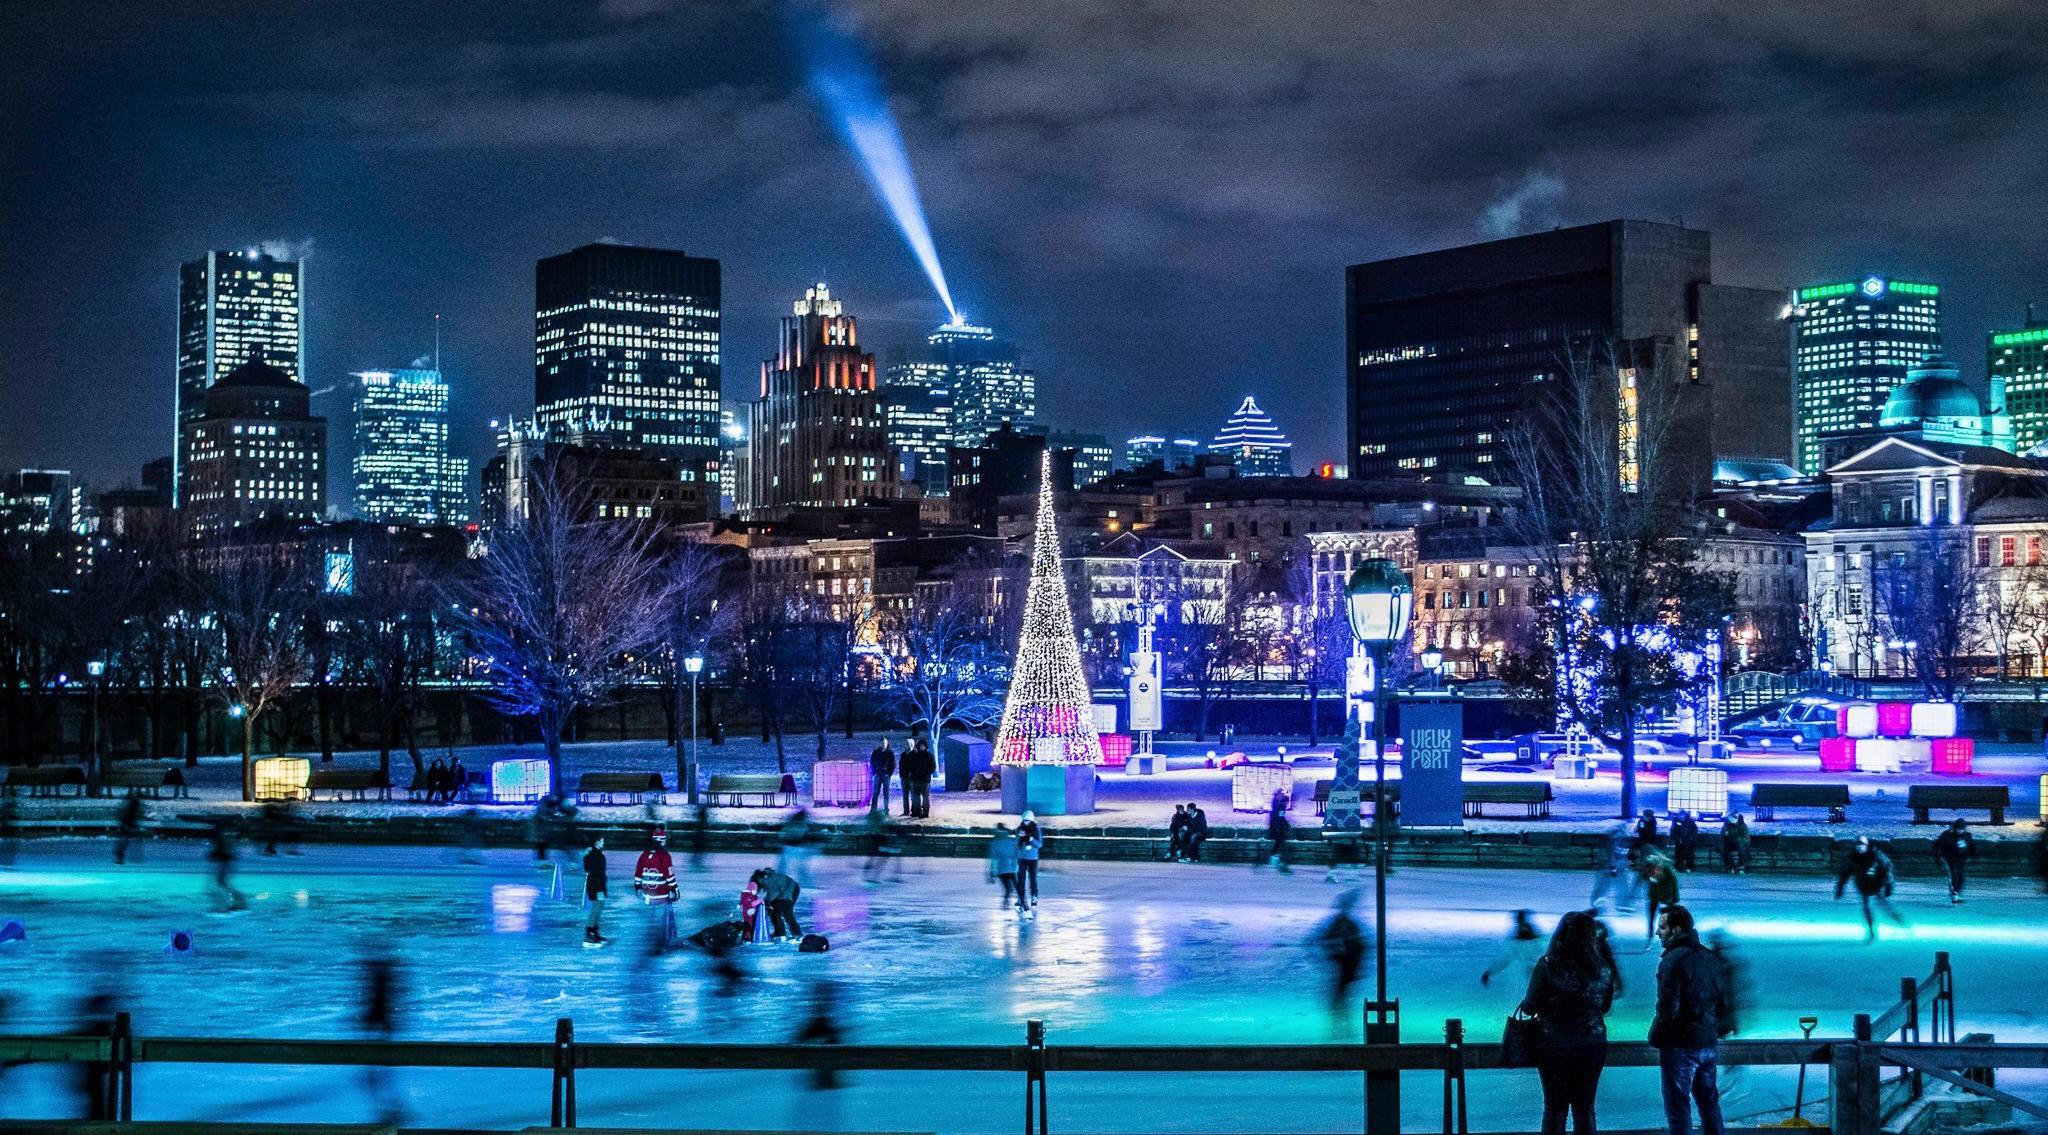 Old Montreal Skating